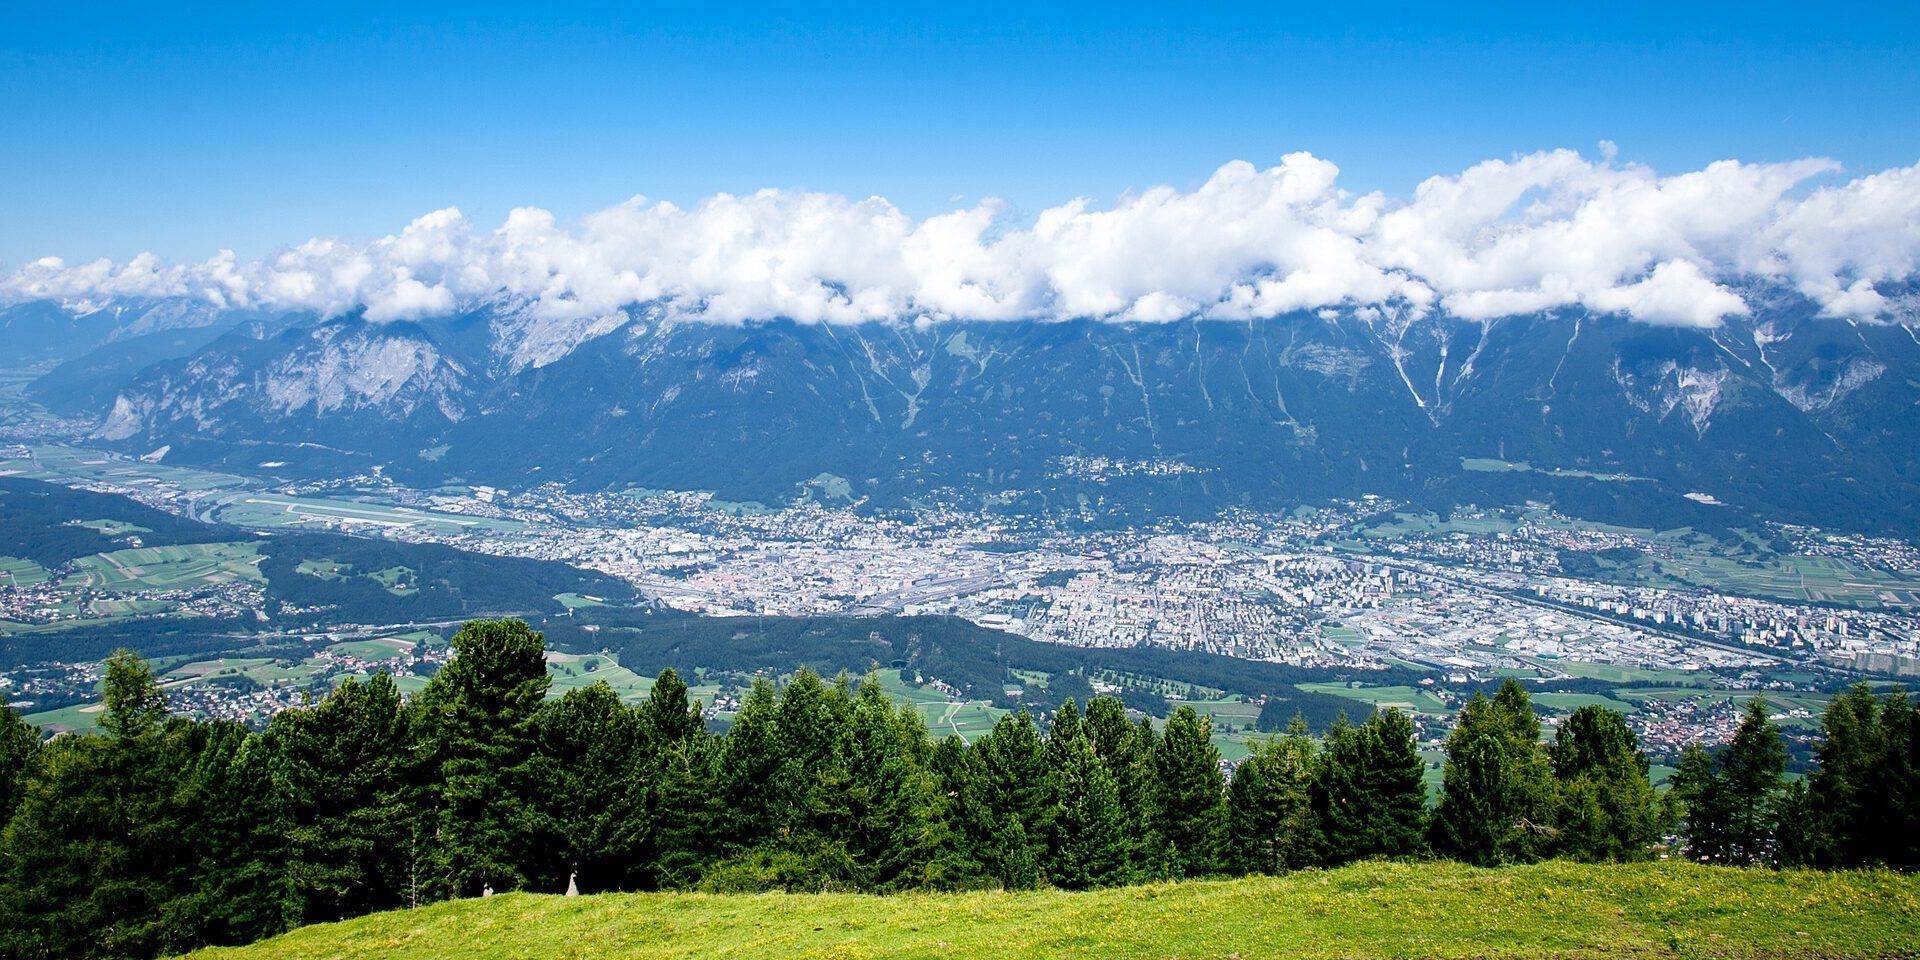 Stad in dal gezien vanaf berg met wolken er boven